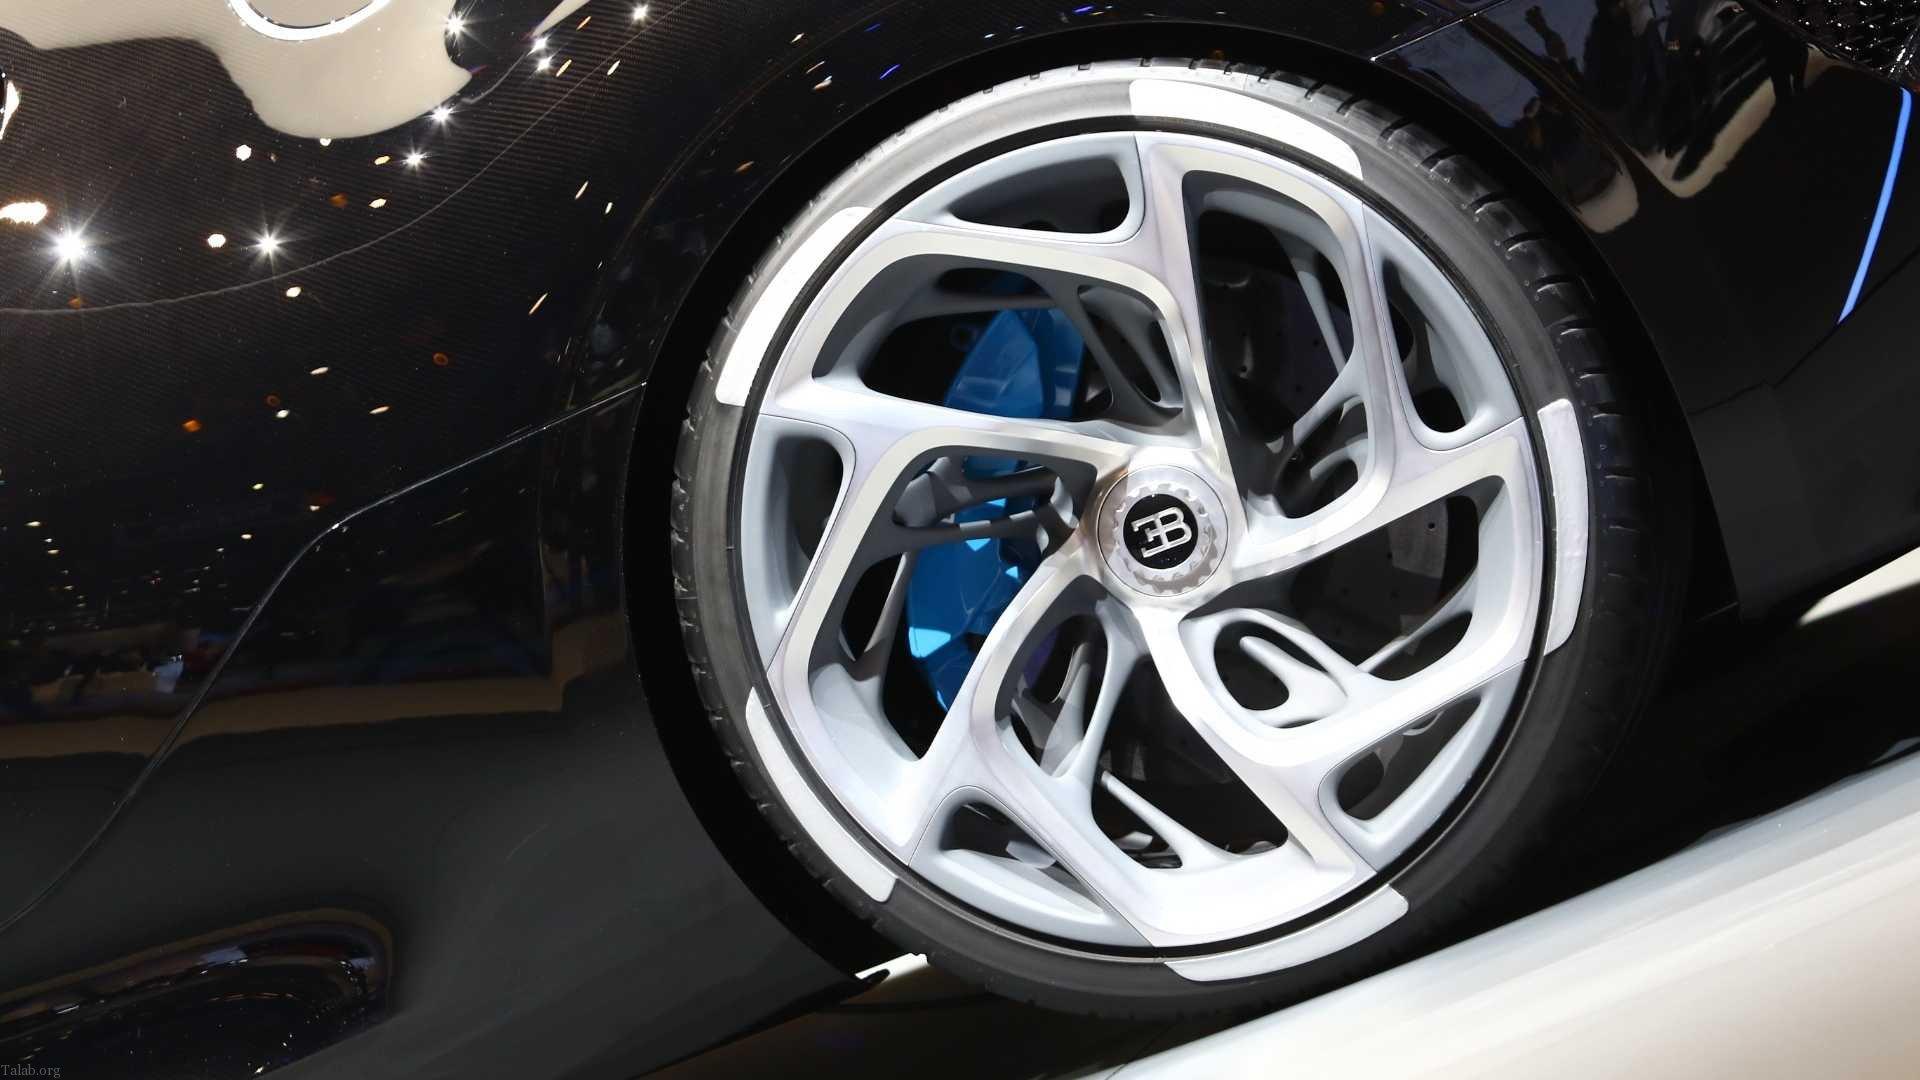 بوگاتی La Voiture Noire گران قیمت ترین خودروی جهان (عکس)